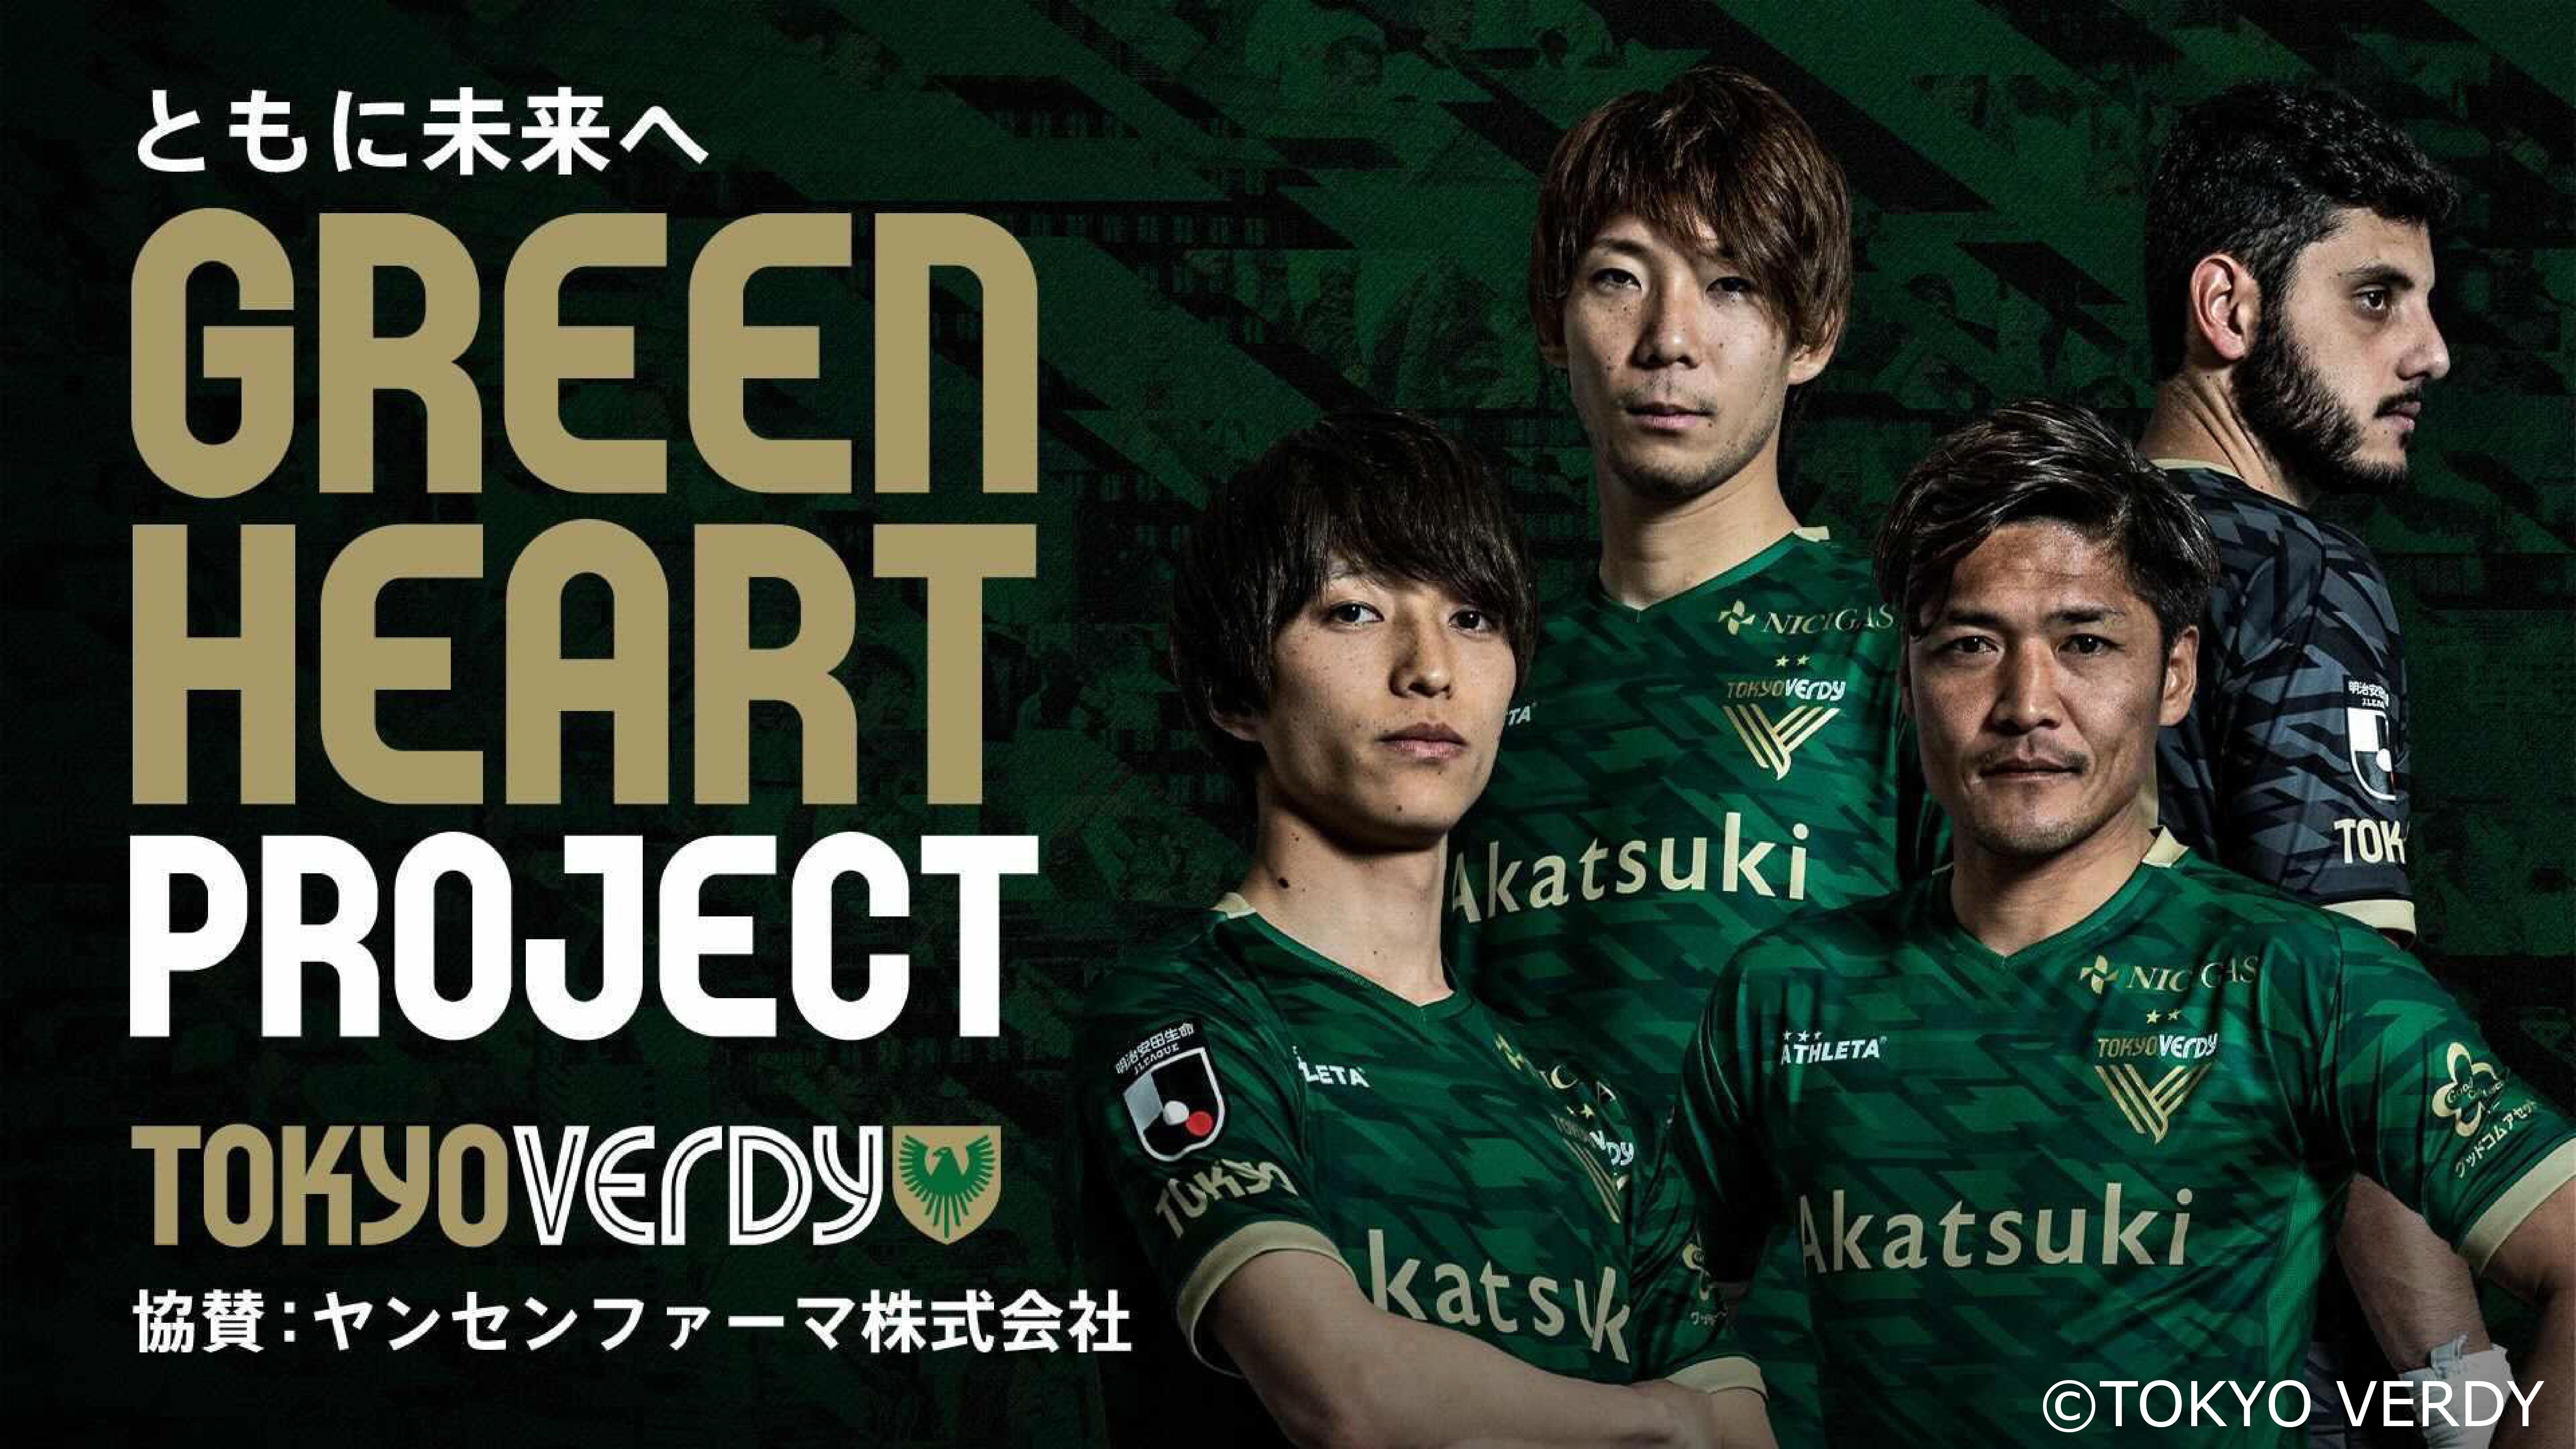 ともに未来へ Green Heart Project